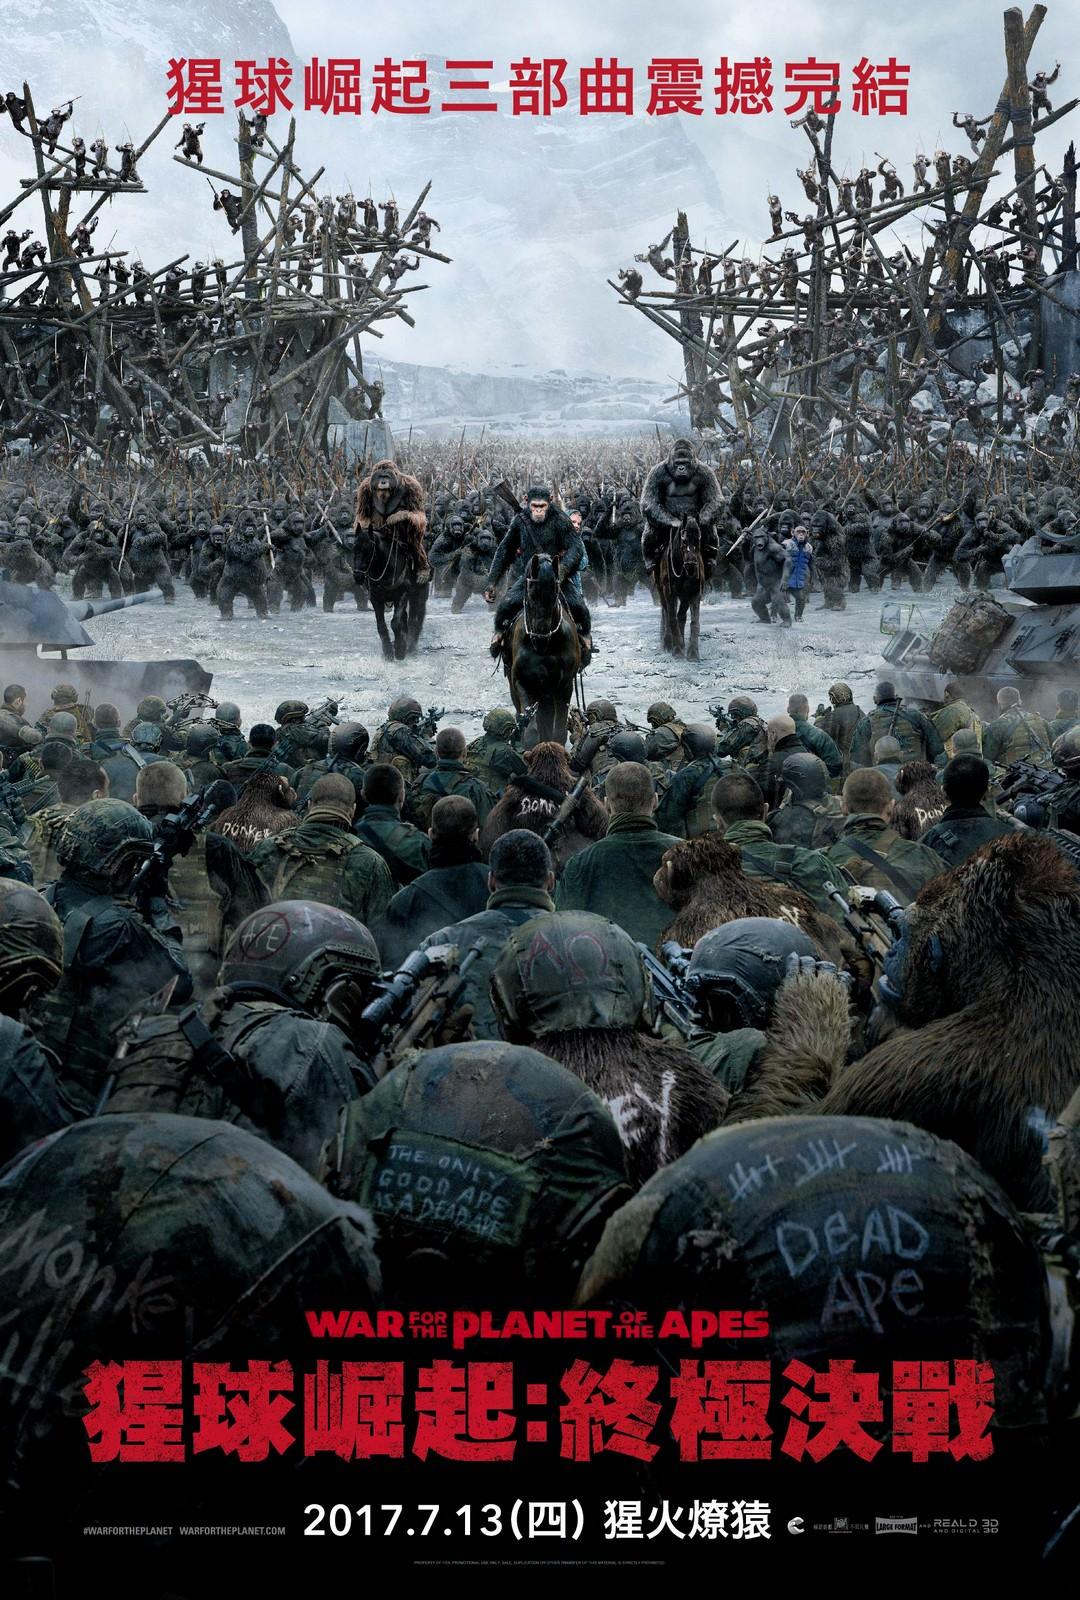 Movie, War For The Planet Of The Apes(美國, 2017年) / 猩球崛起:終極決戰(台灣) / 猩球崛起3:终极之战(中國) / 猿人爭霸戰:猩凶巨戰(香港), 電影海報, 台灣